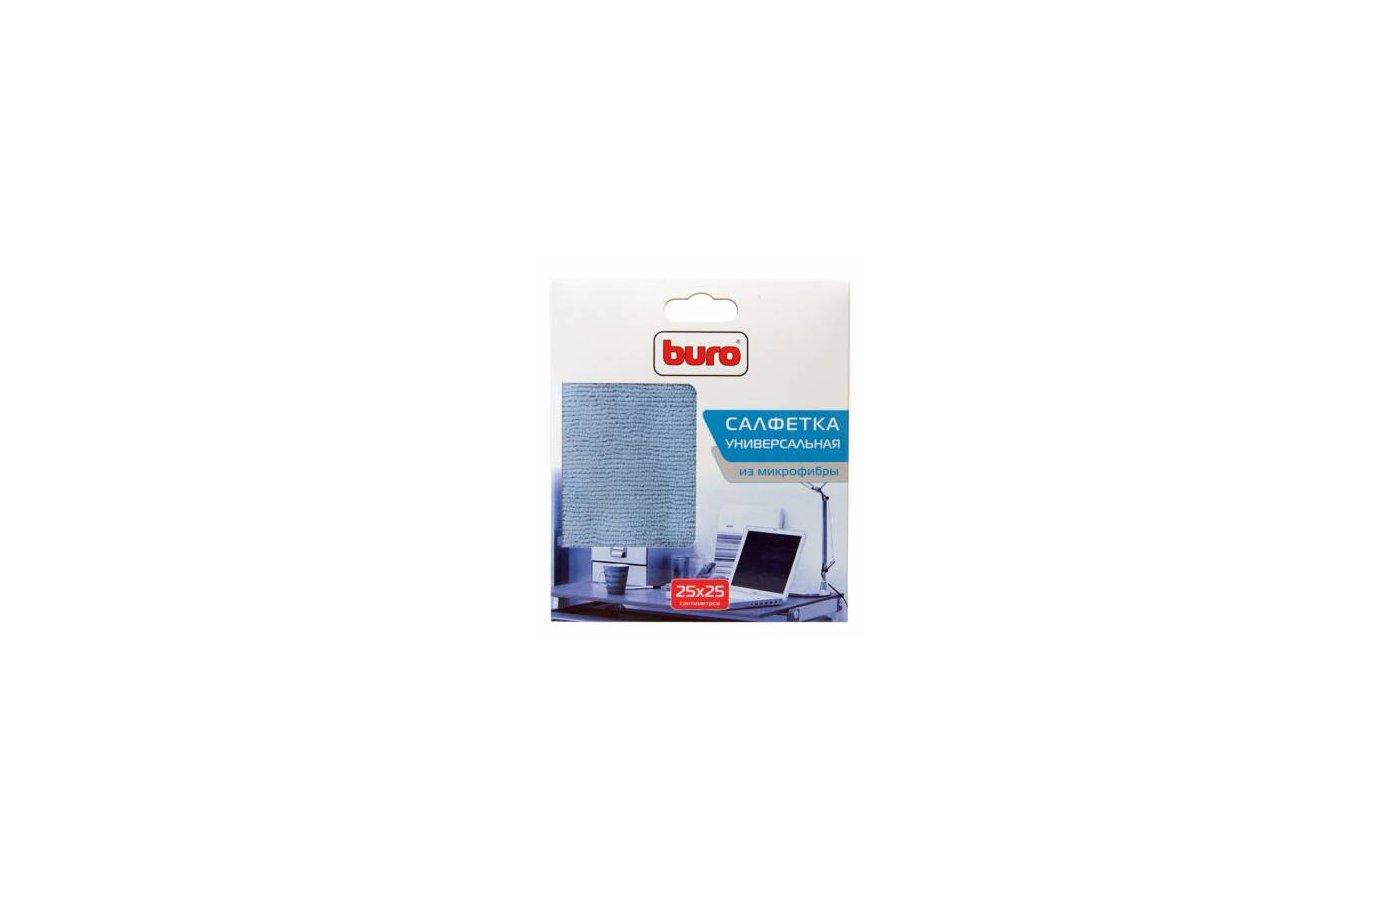 Чистящее средство BURO BU-MF Салфетка из микрофибры 25 х 25 см для удаления пыли коробка 1шт сухая